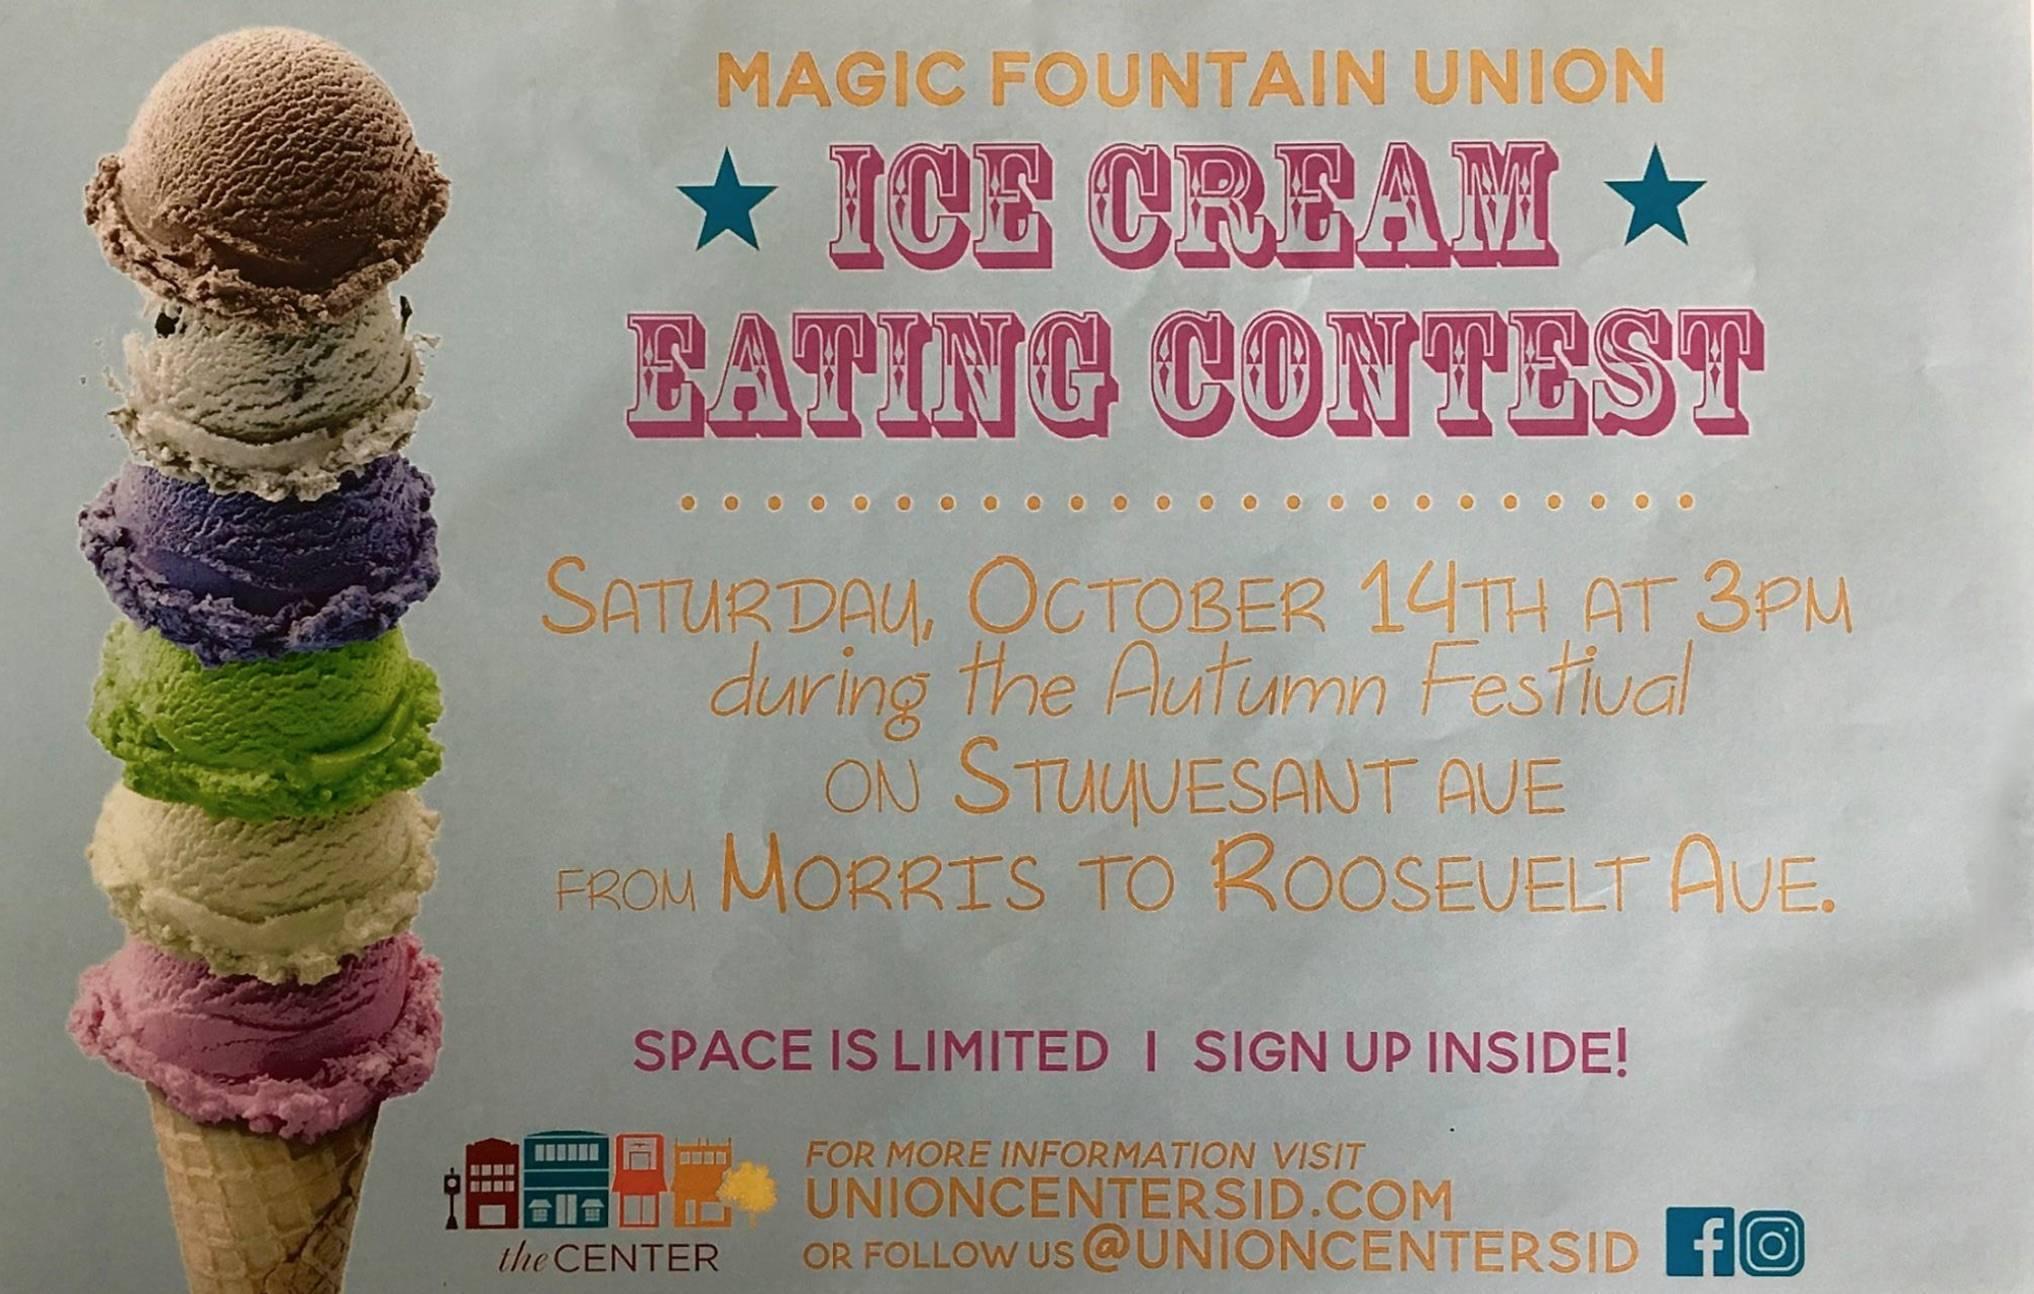 de4be02d579d0e805403_81faacaabc514eef64a8_ice_cream_eating_contest_flyer.jpg